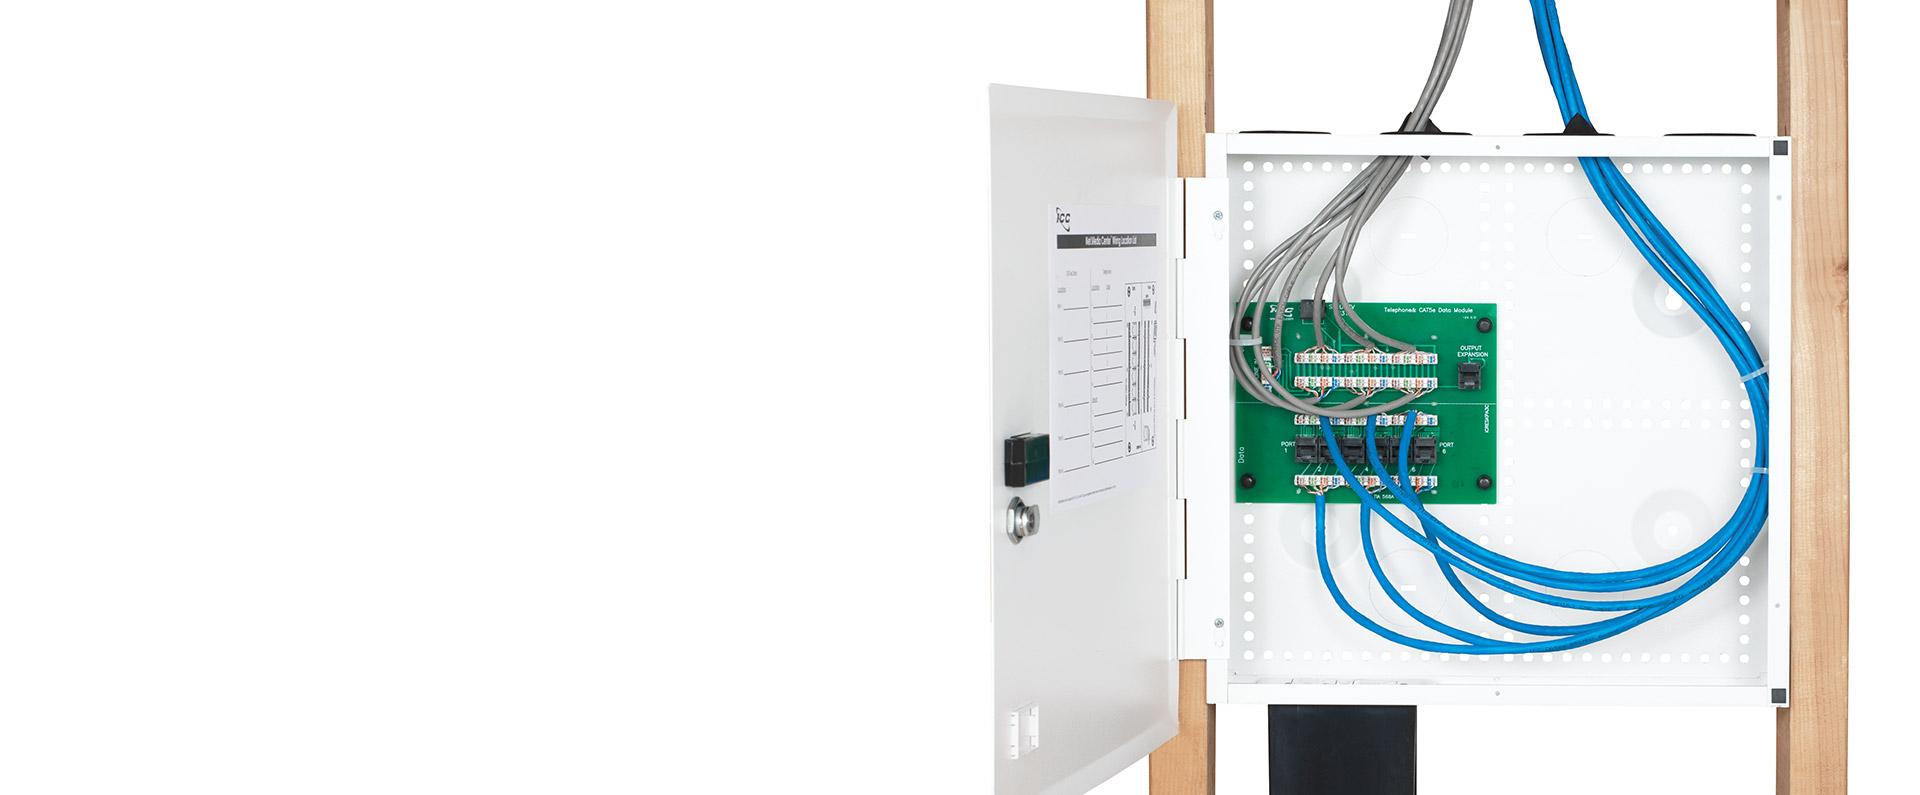 structured cabling solutions icc rh icc com icc structured wiring enclosures icc structured wiring enclosures